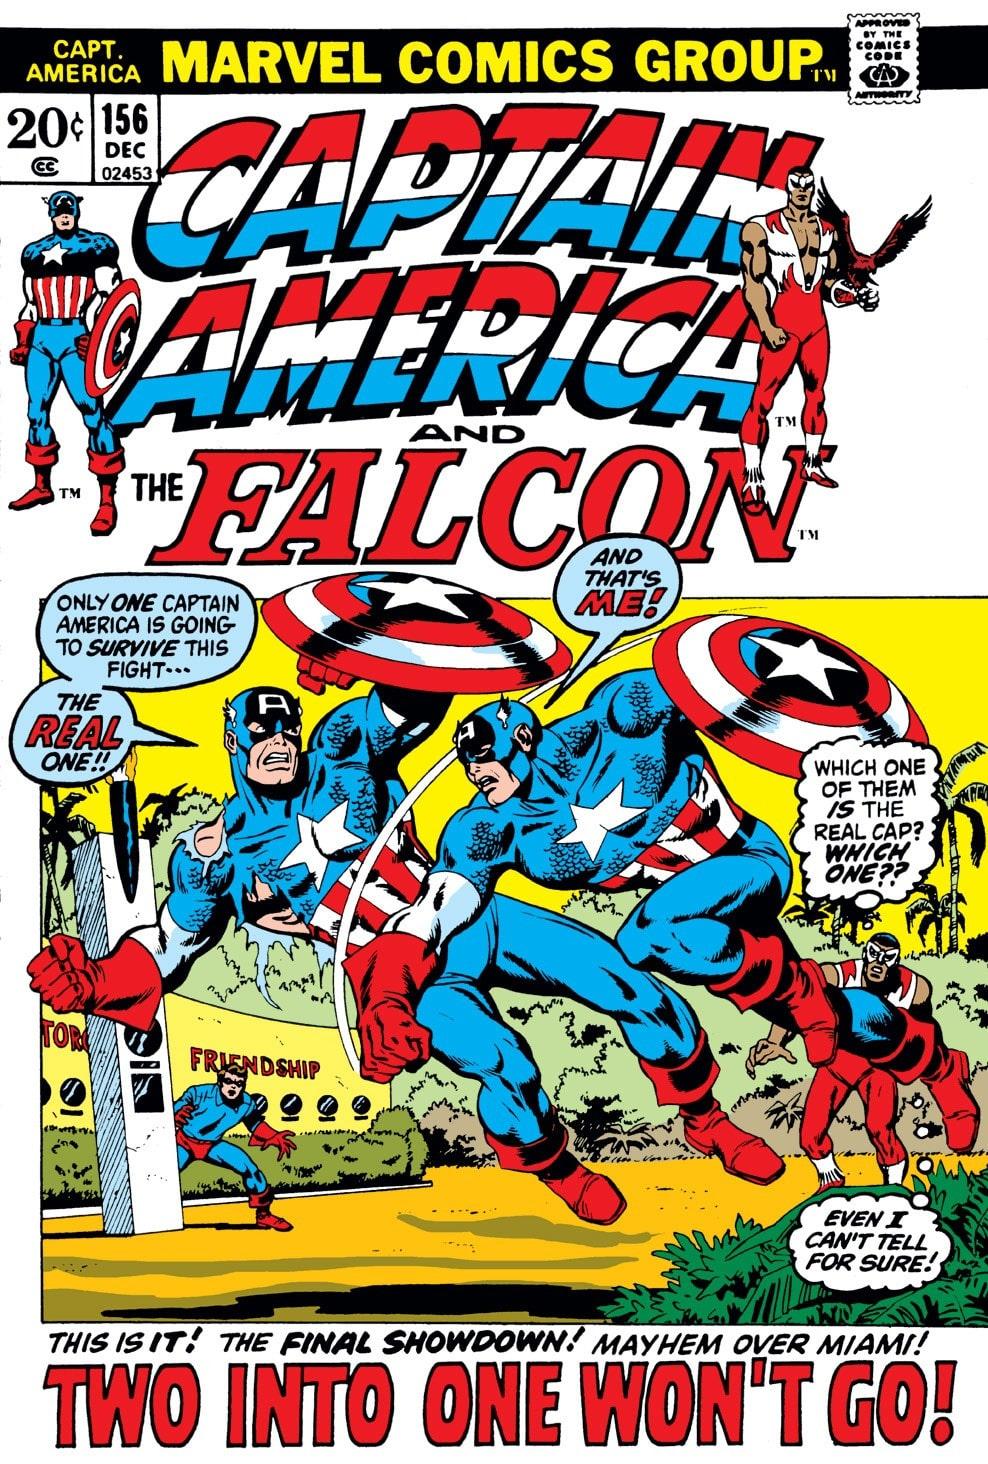 The Falcon and The Winter Soldier spiegazione